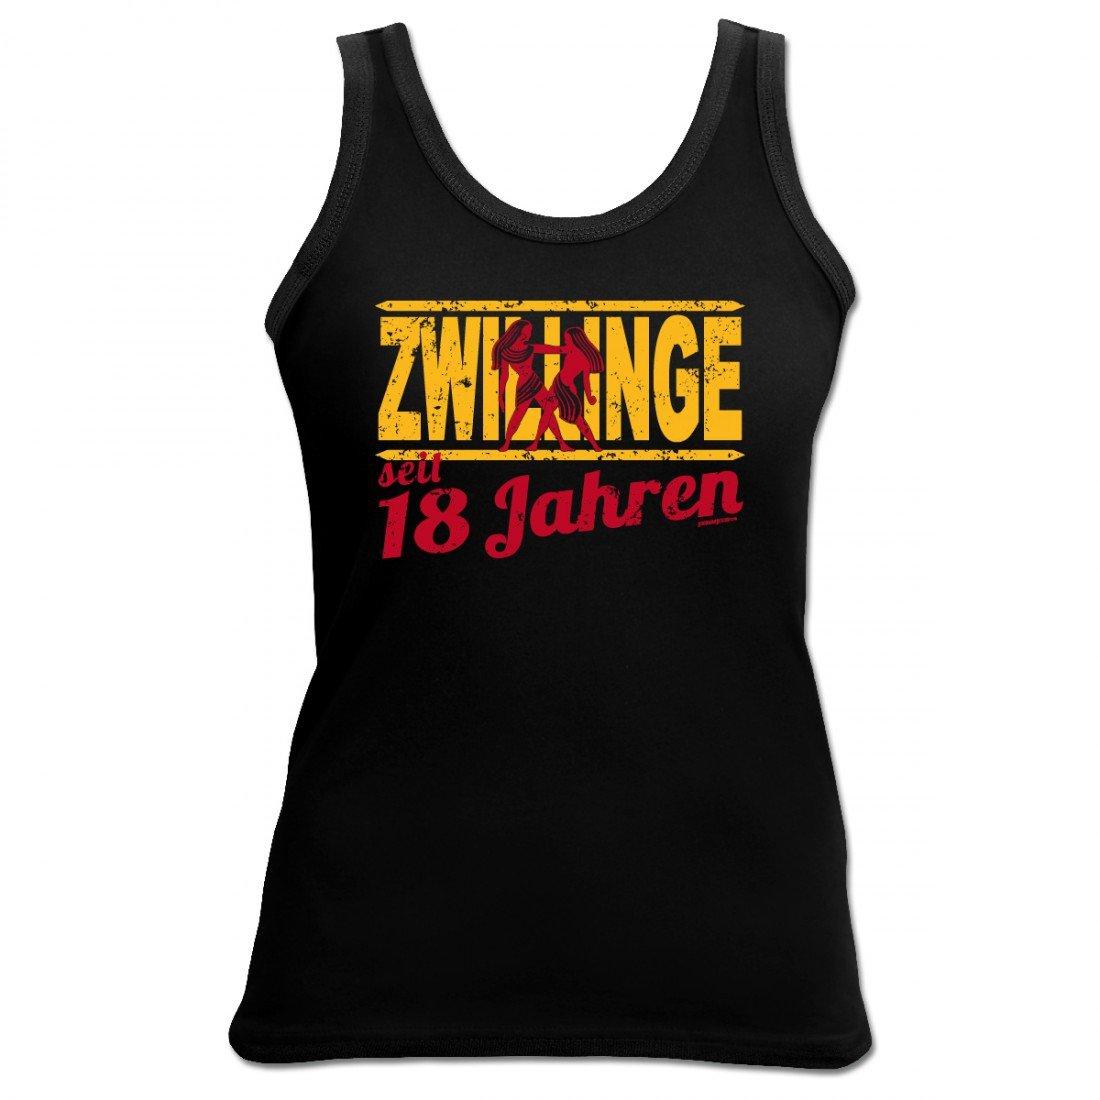 Zwillinge 18 Jahre Damen Top Shirt 18 Geschenk Schenken Humor Geburtstag